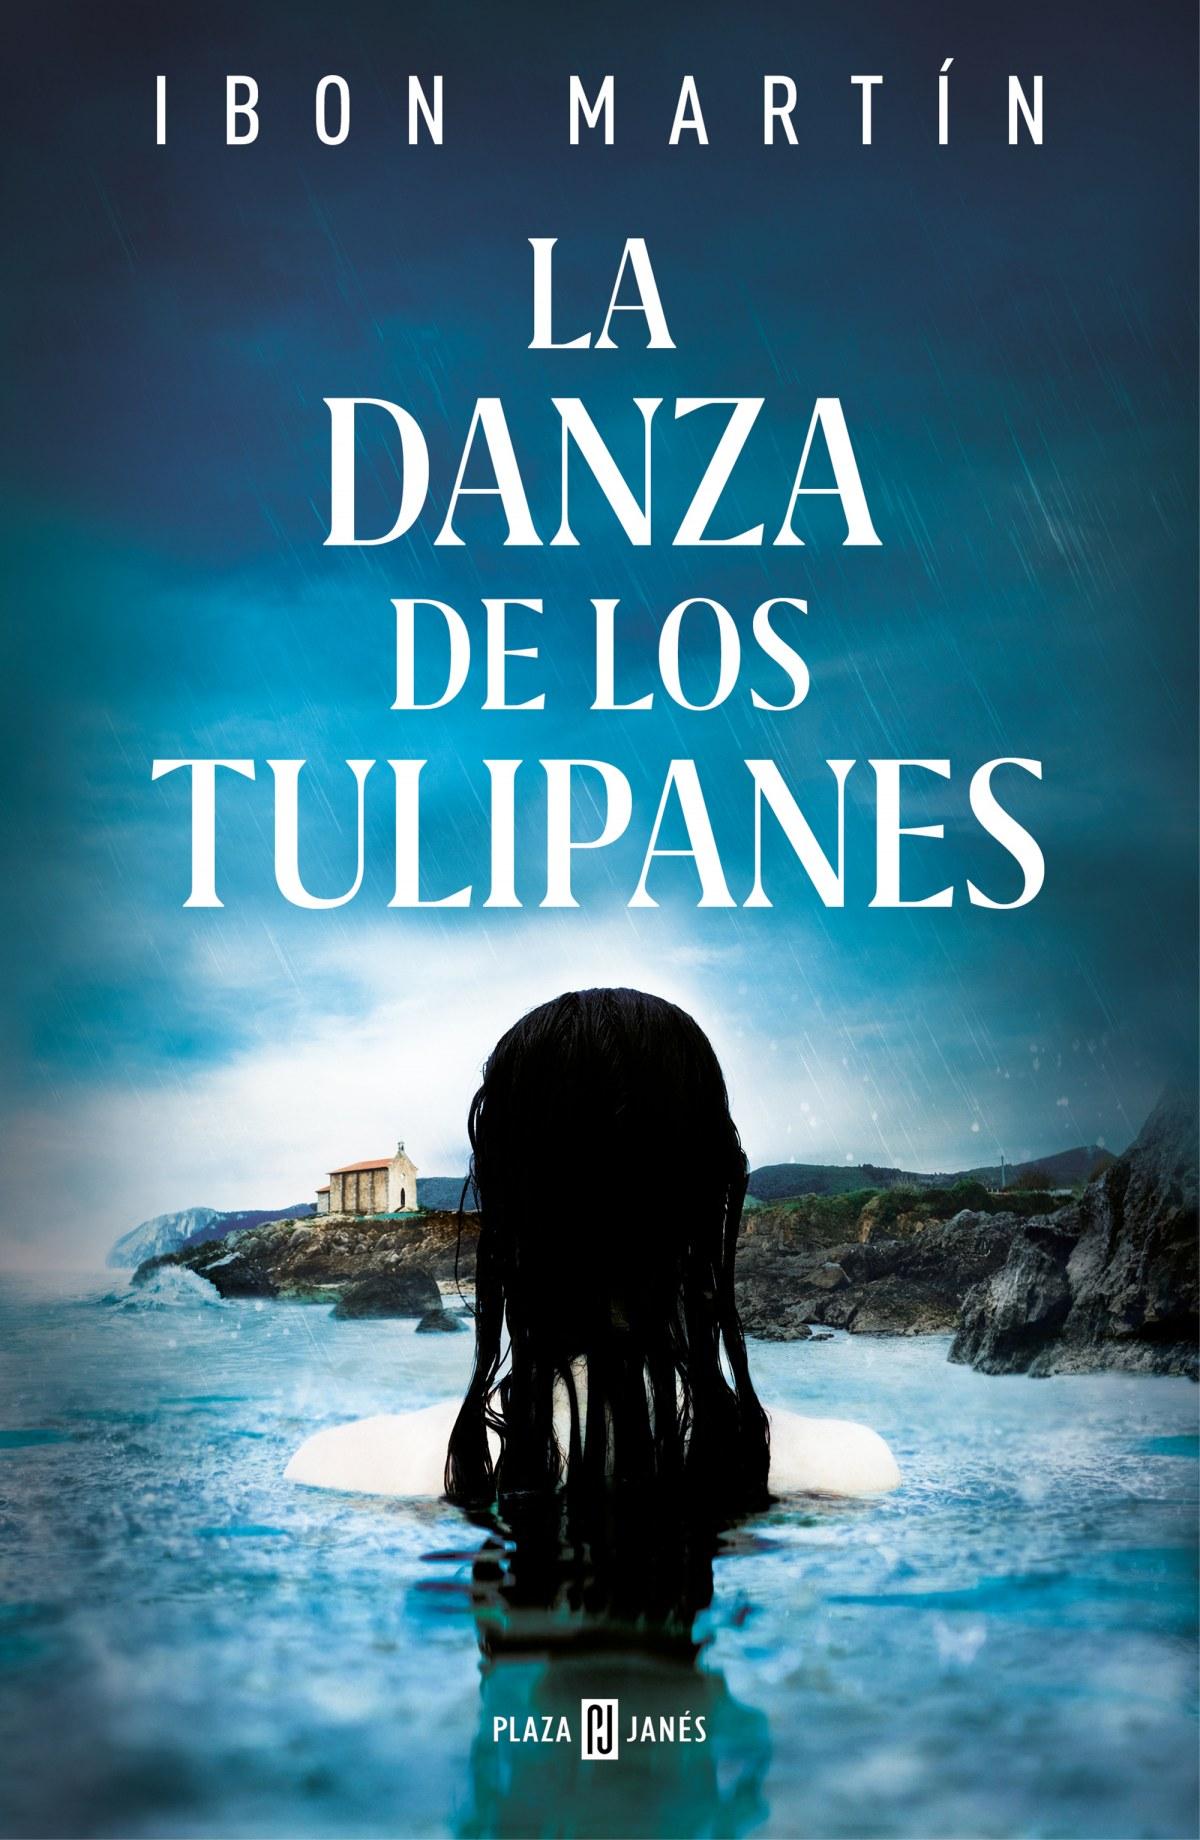 LA DANZA DE LOS TULIPANES 9788401022715